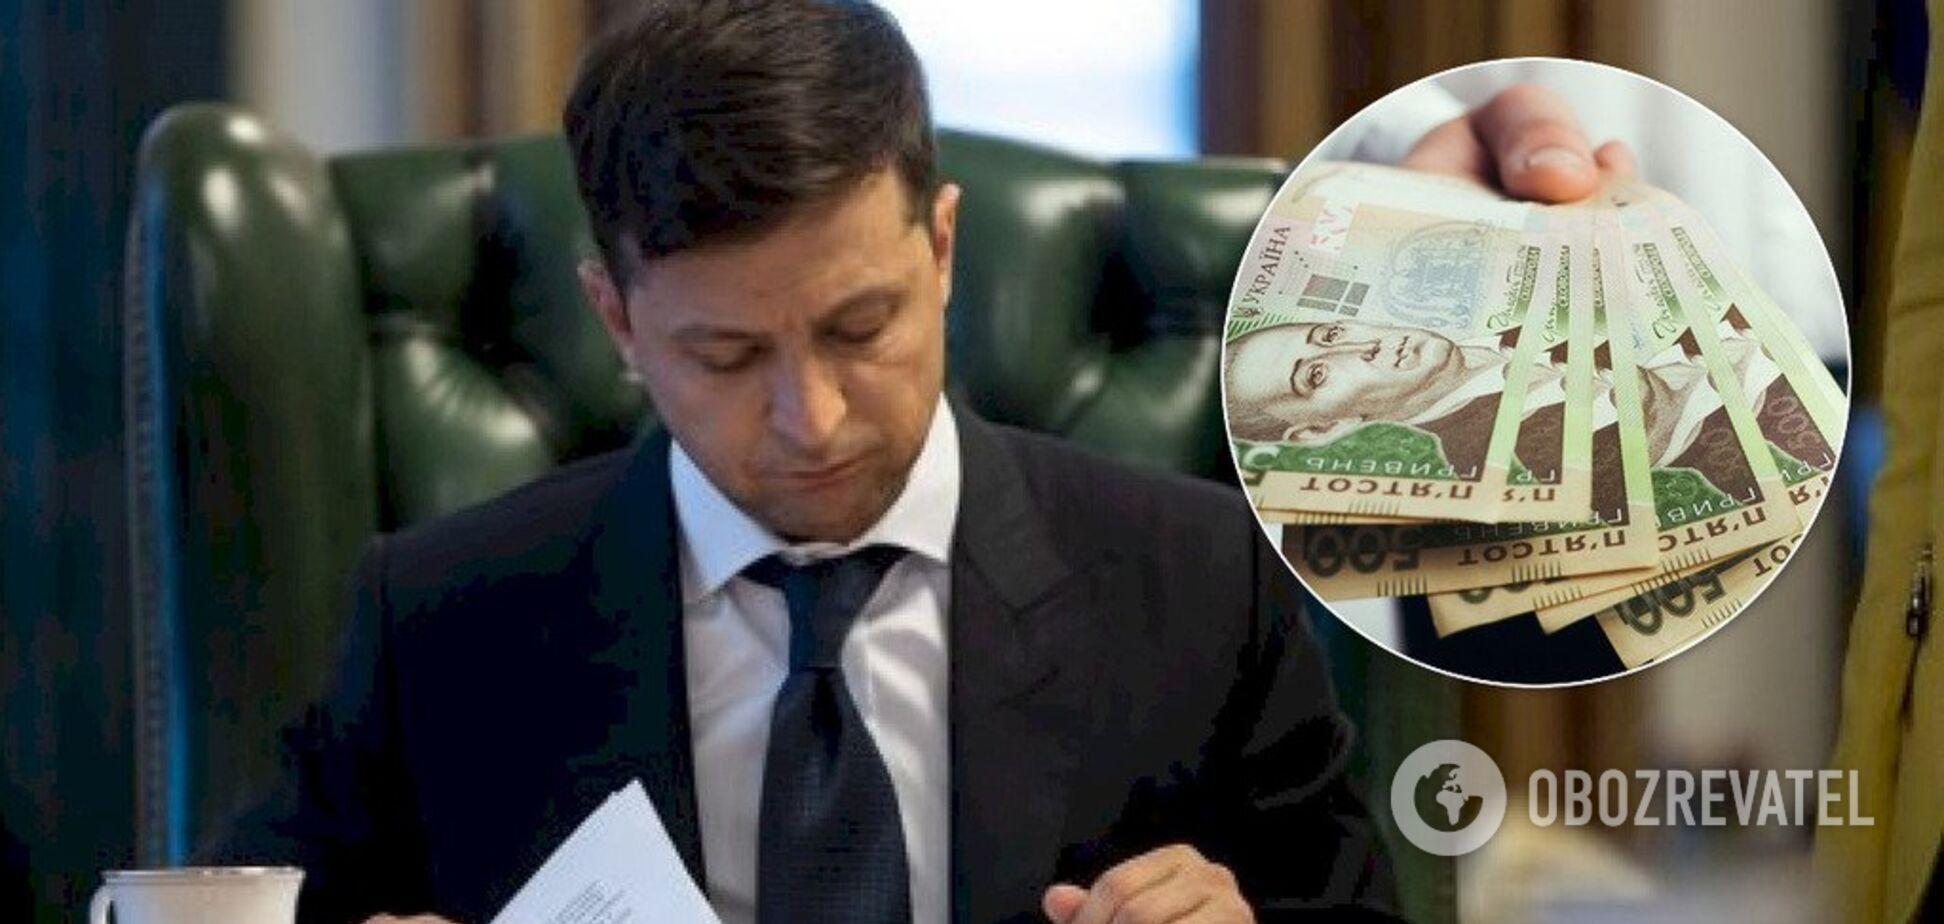 Дешевым кредитам быть: Зеленский подписал резонансный закон